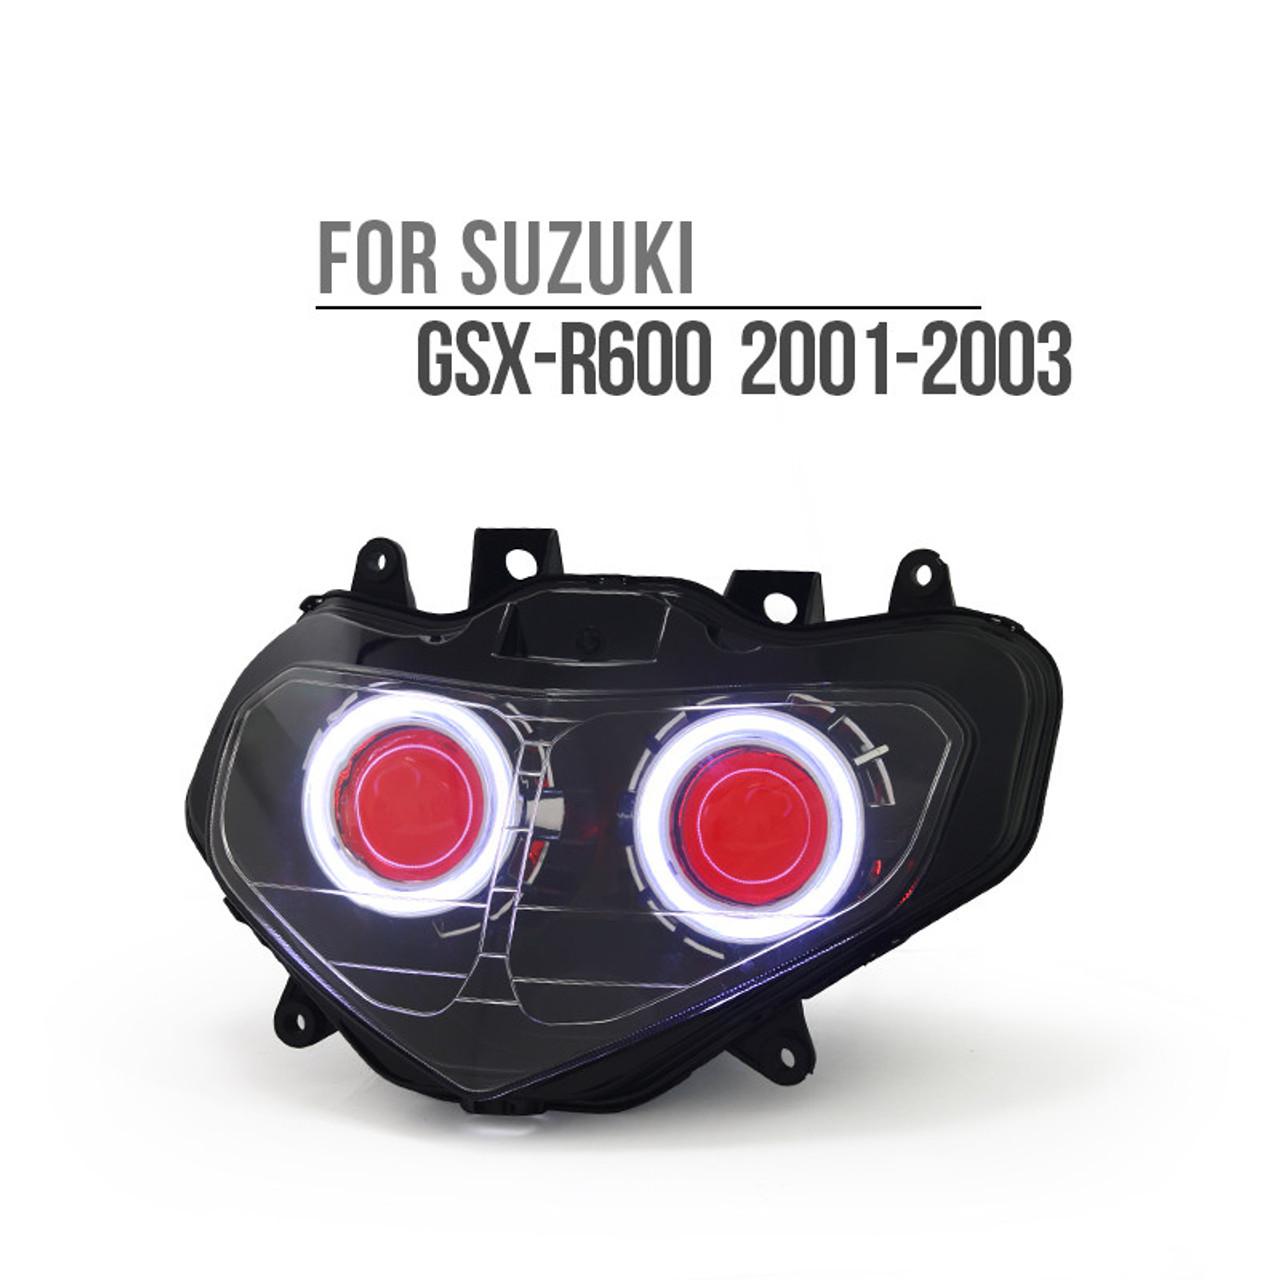 2006 Suzuki Gsx R600 Electrical Wiring Diagram